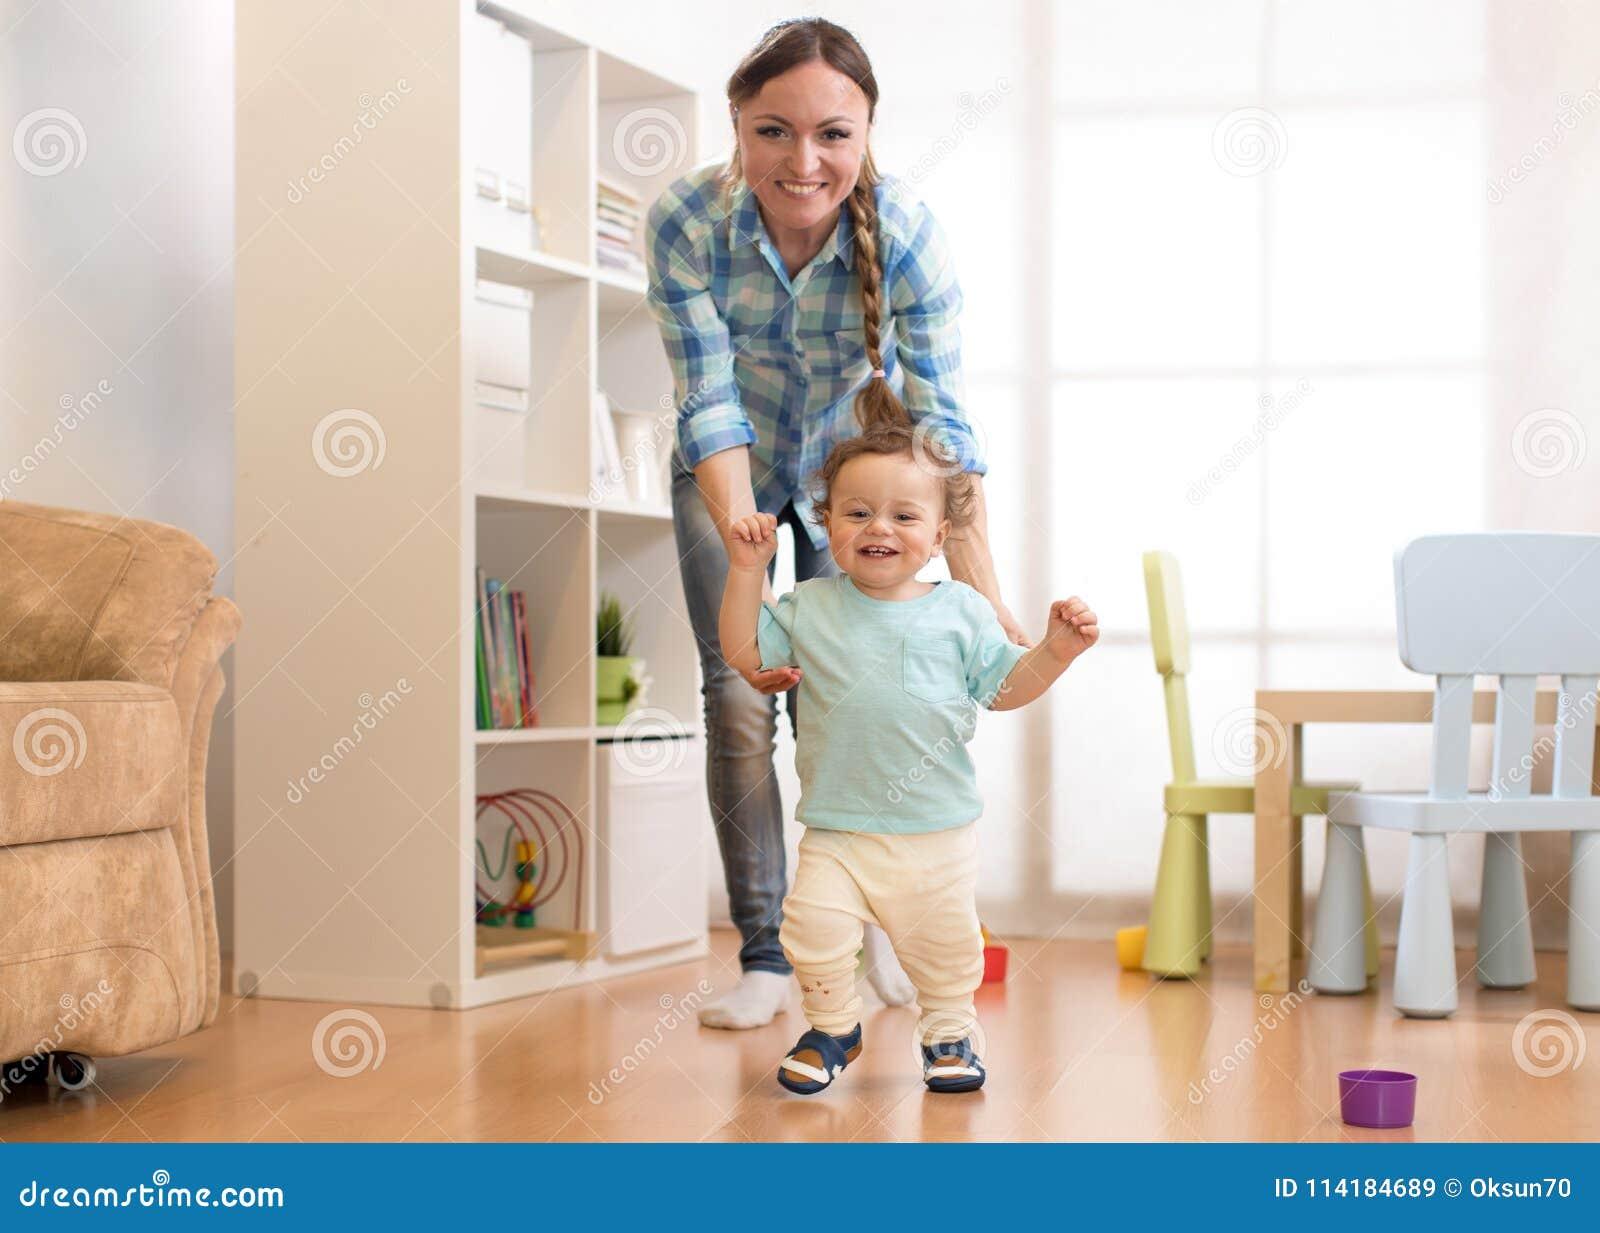 Первые шаги мальчика малыша младенца уча идти в белую солнечную живущую комнату Обувь для ребенка